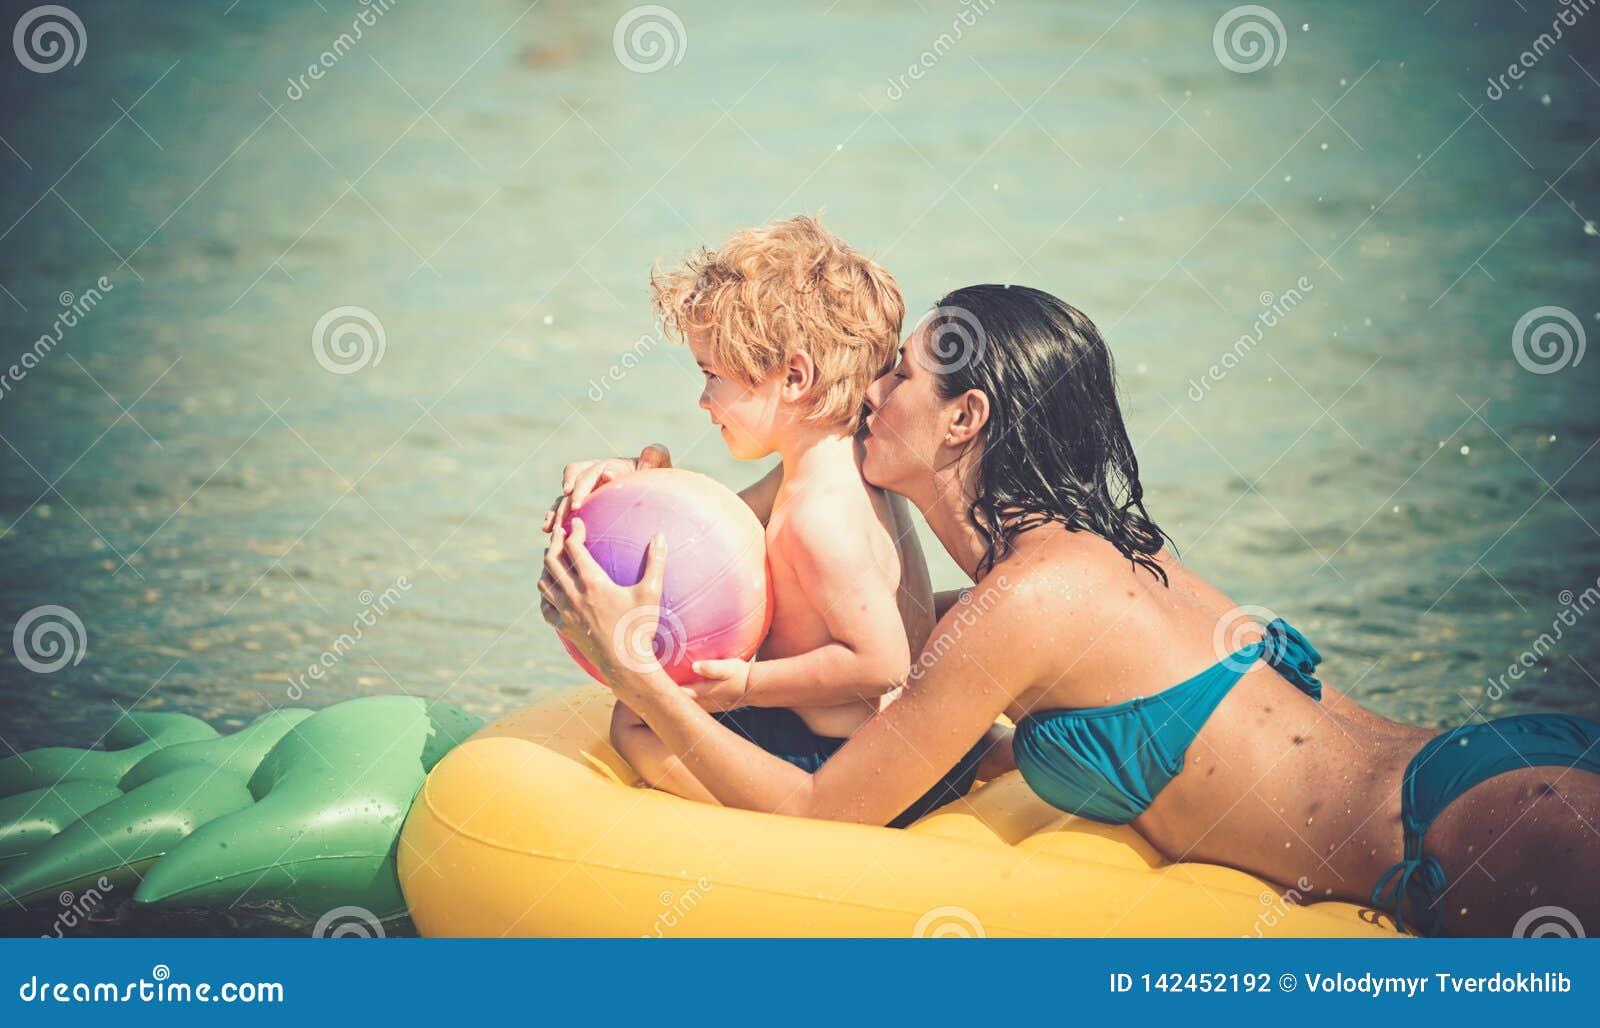 Το κορίτσι με το παιδί μικρών παιδιών κολυμπά στο κίτρινο στρώμα αέρα στο νερό το καλοκαίρι